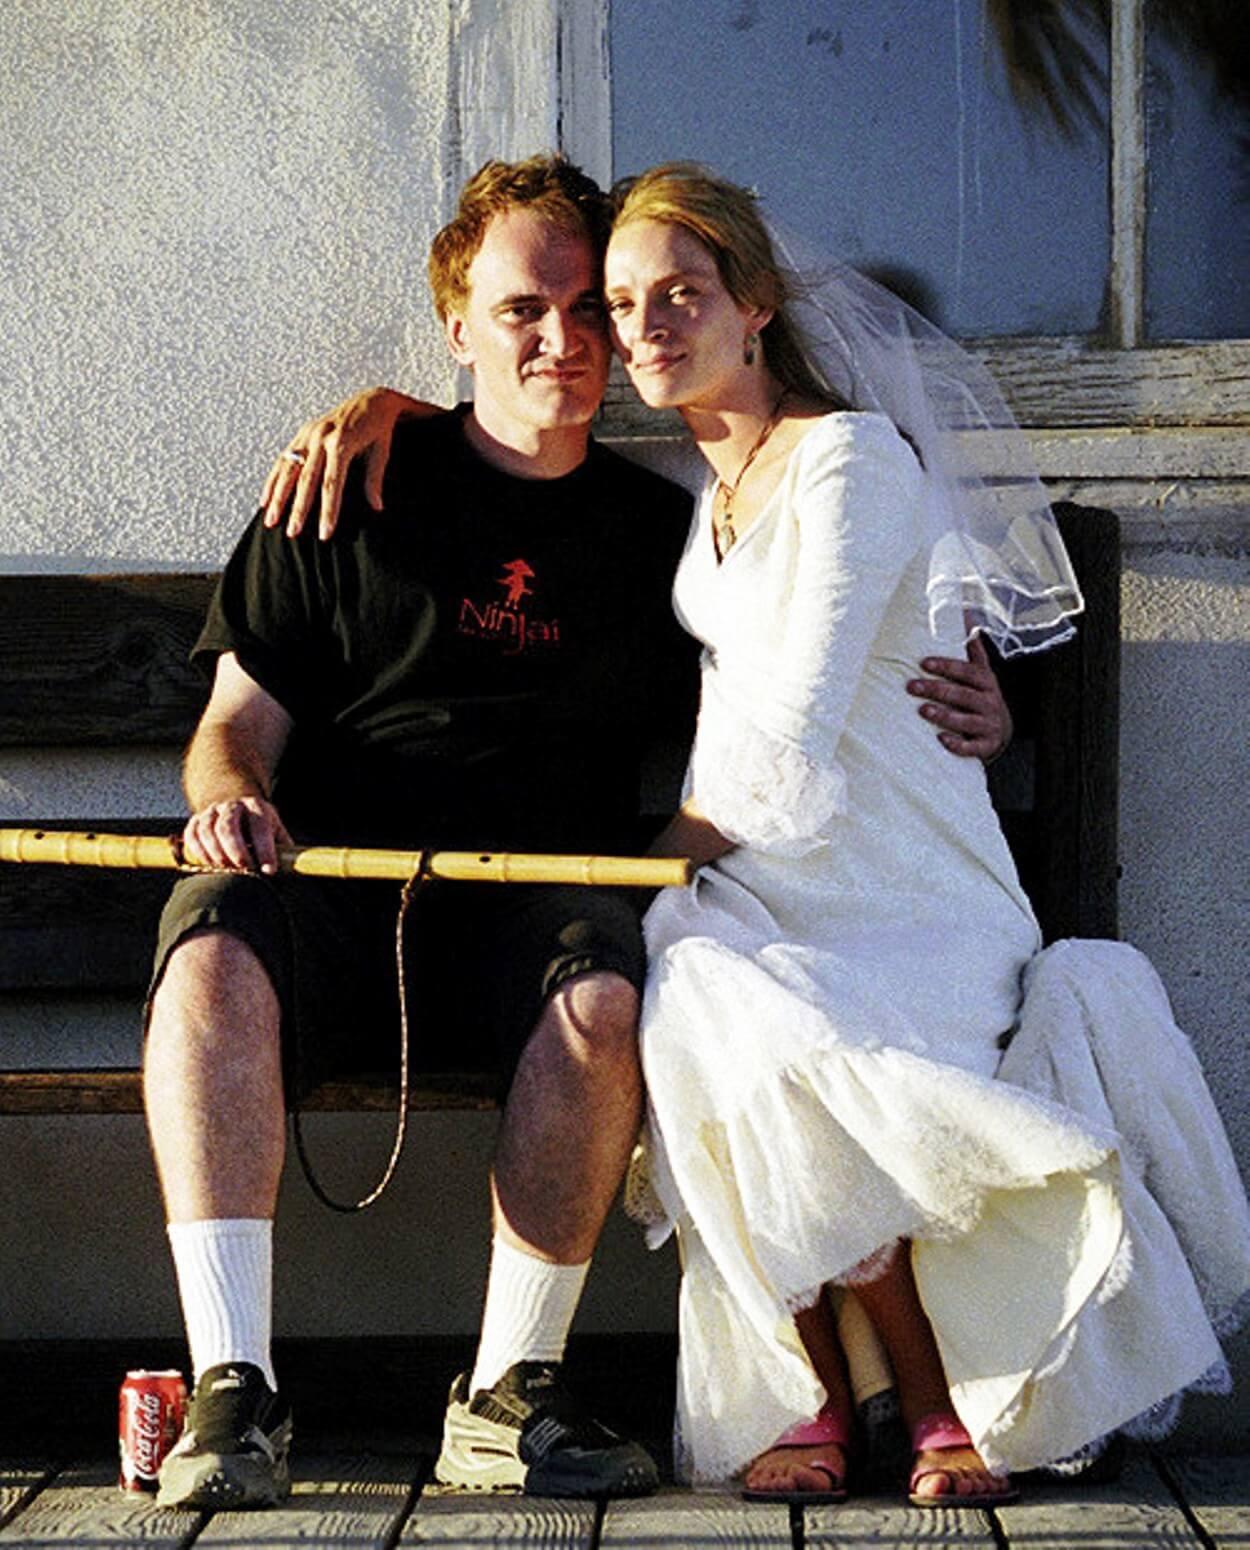 """Quentin Tarantino habla sobre el accidente de Uma Thurman en """"Kill Bill"""": """"Fue uno de mis errores más horrendos"""""""